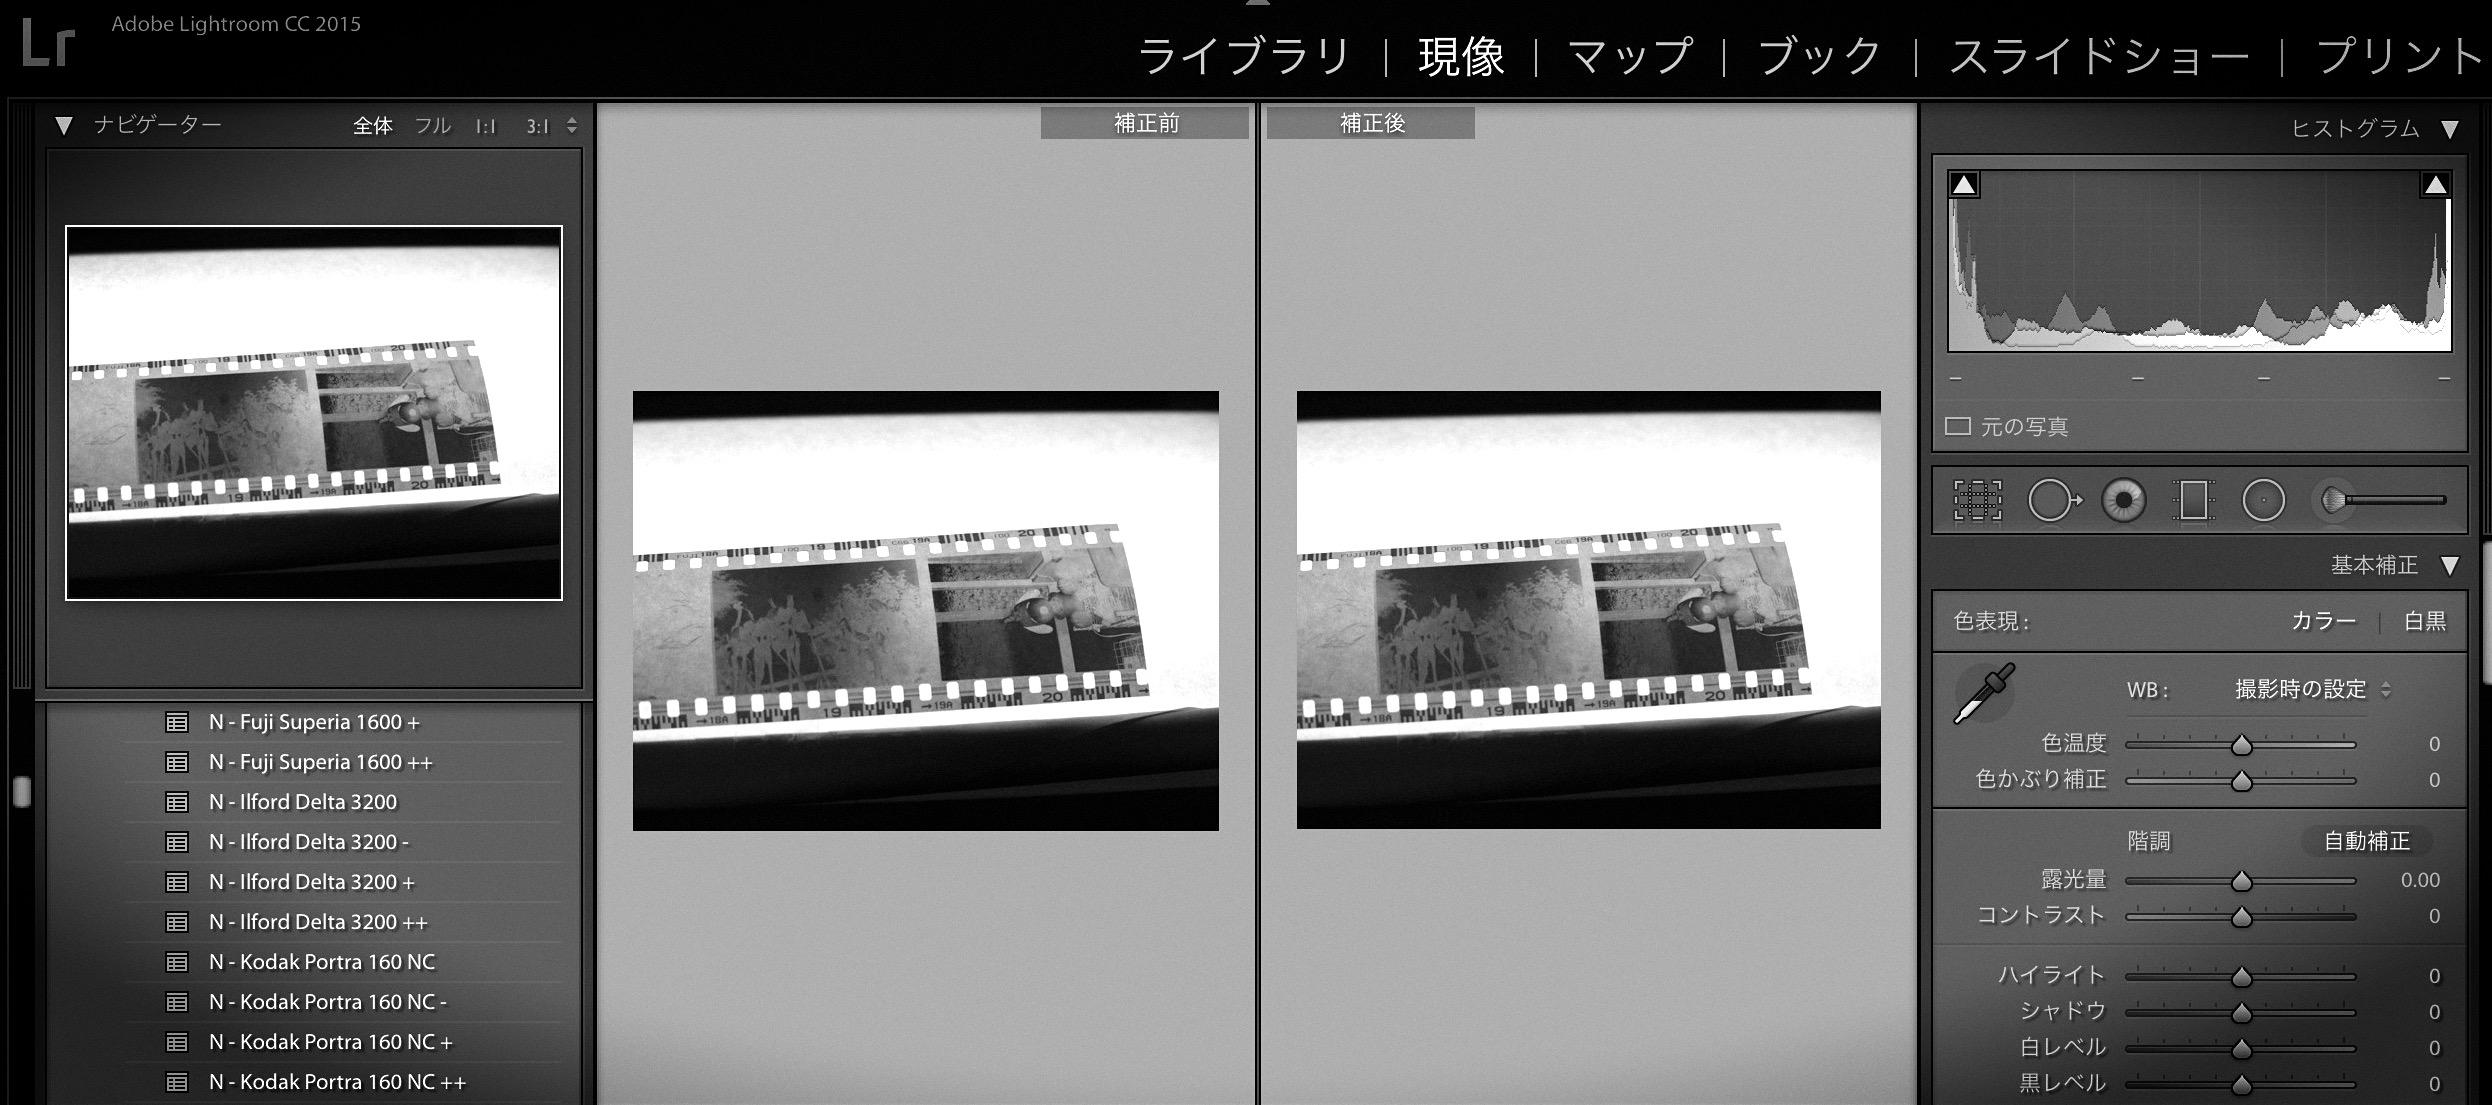 【 永久保存版 】 おすすめRAW現像ソフト